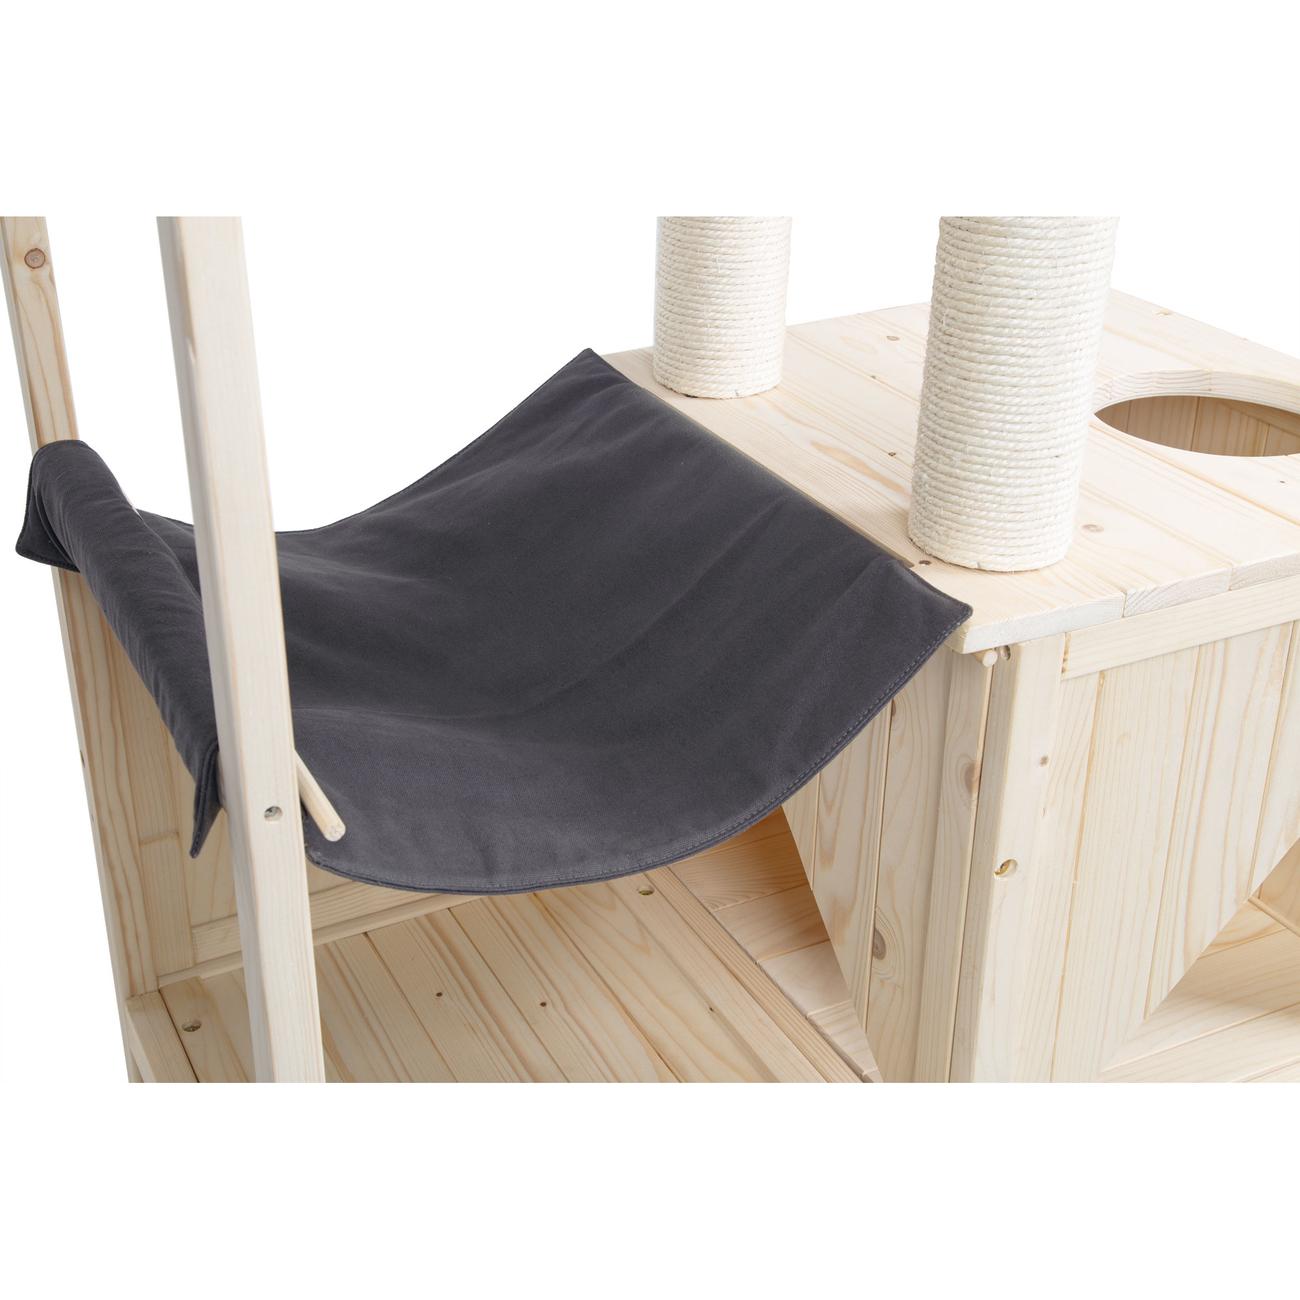 Beeztees Holz Kratzmöbel Vajra, Bild 6